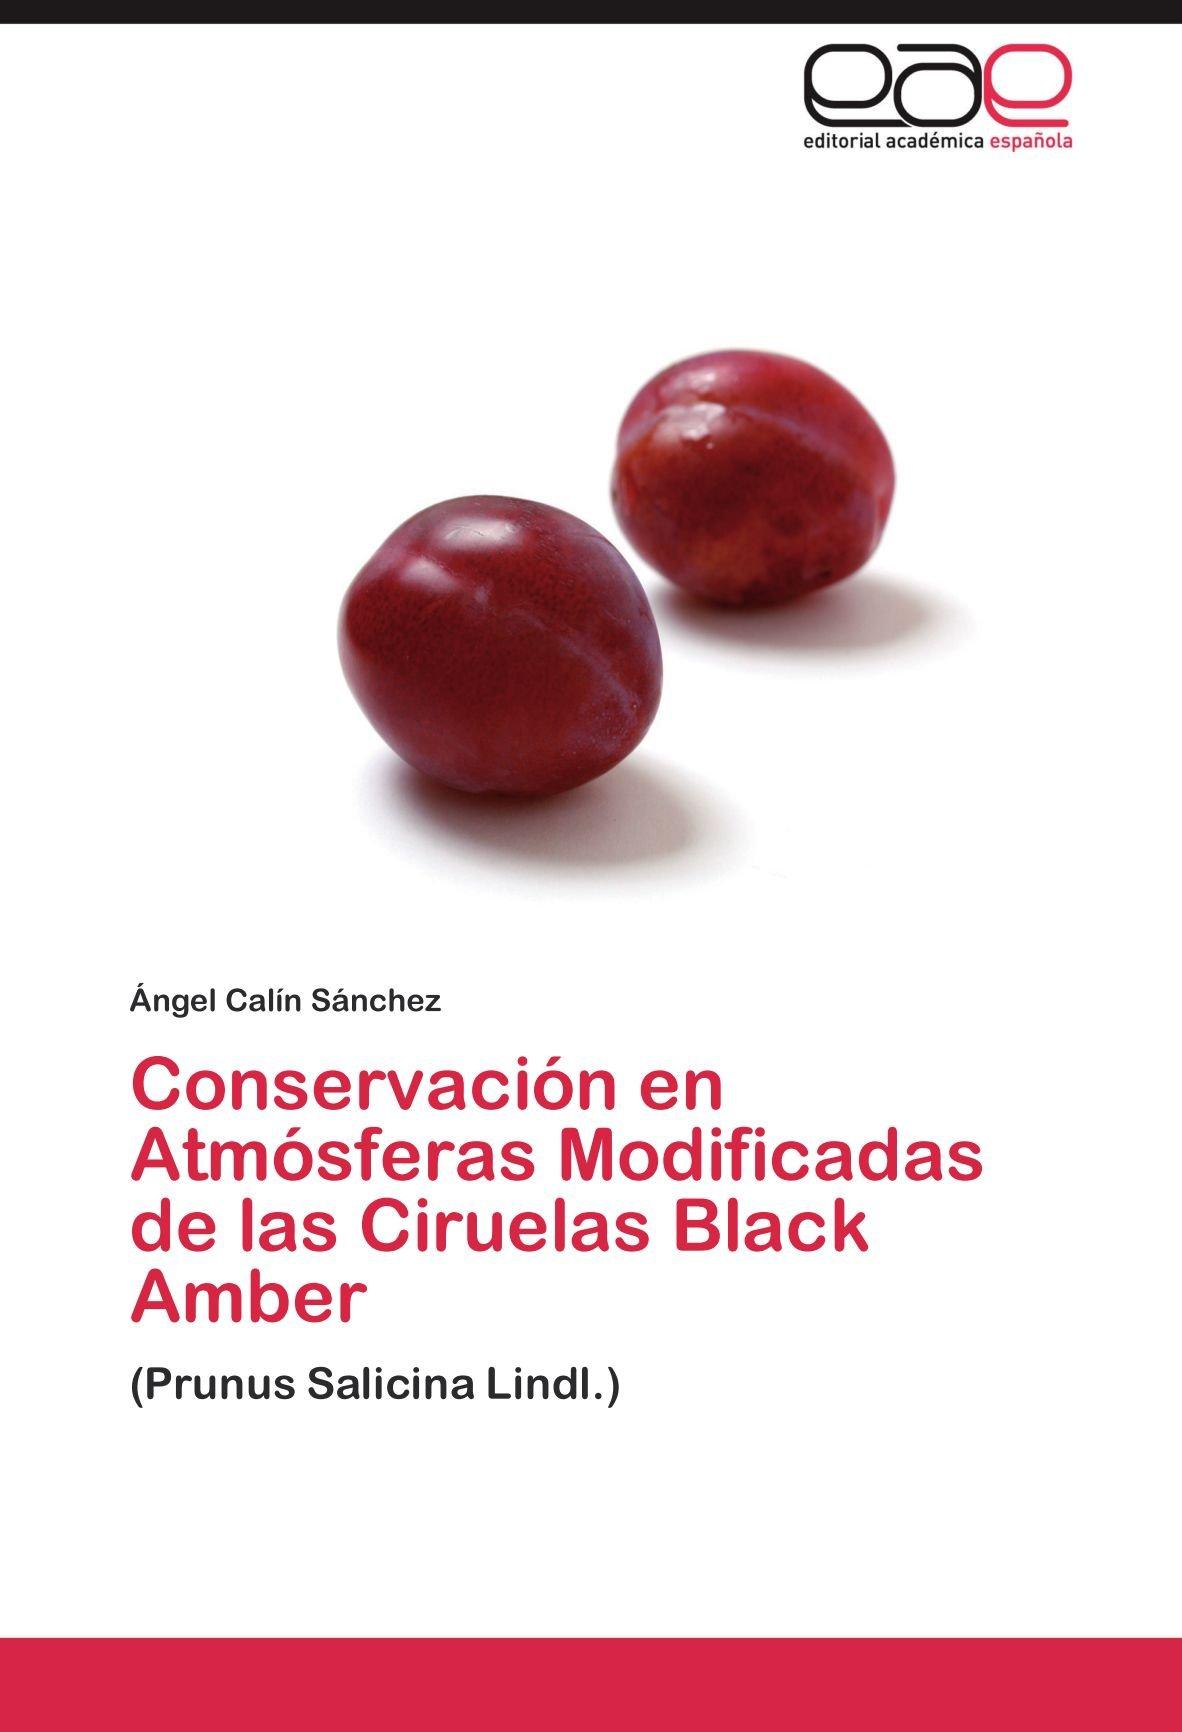 Conservación en Atmósferas Modificadas de las Ciruelas Black Amber: (Prunus Salicina Lindl.) (Spanish Edition) PDF Text fb2 book